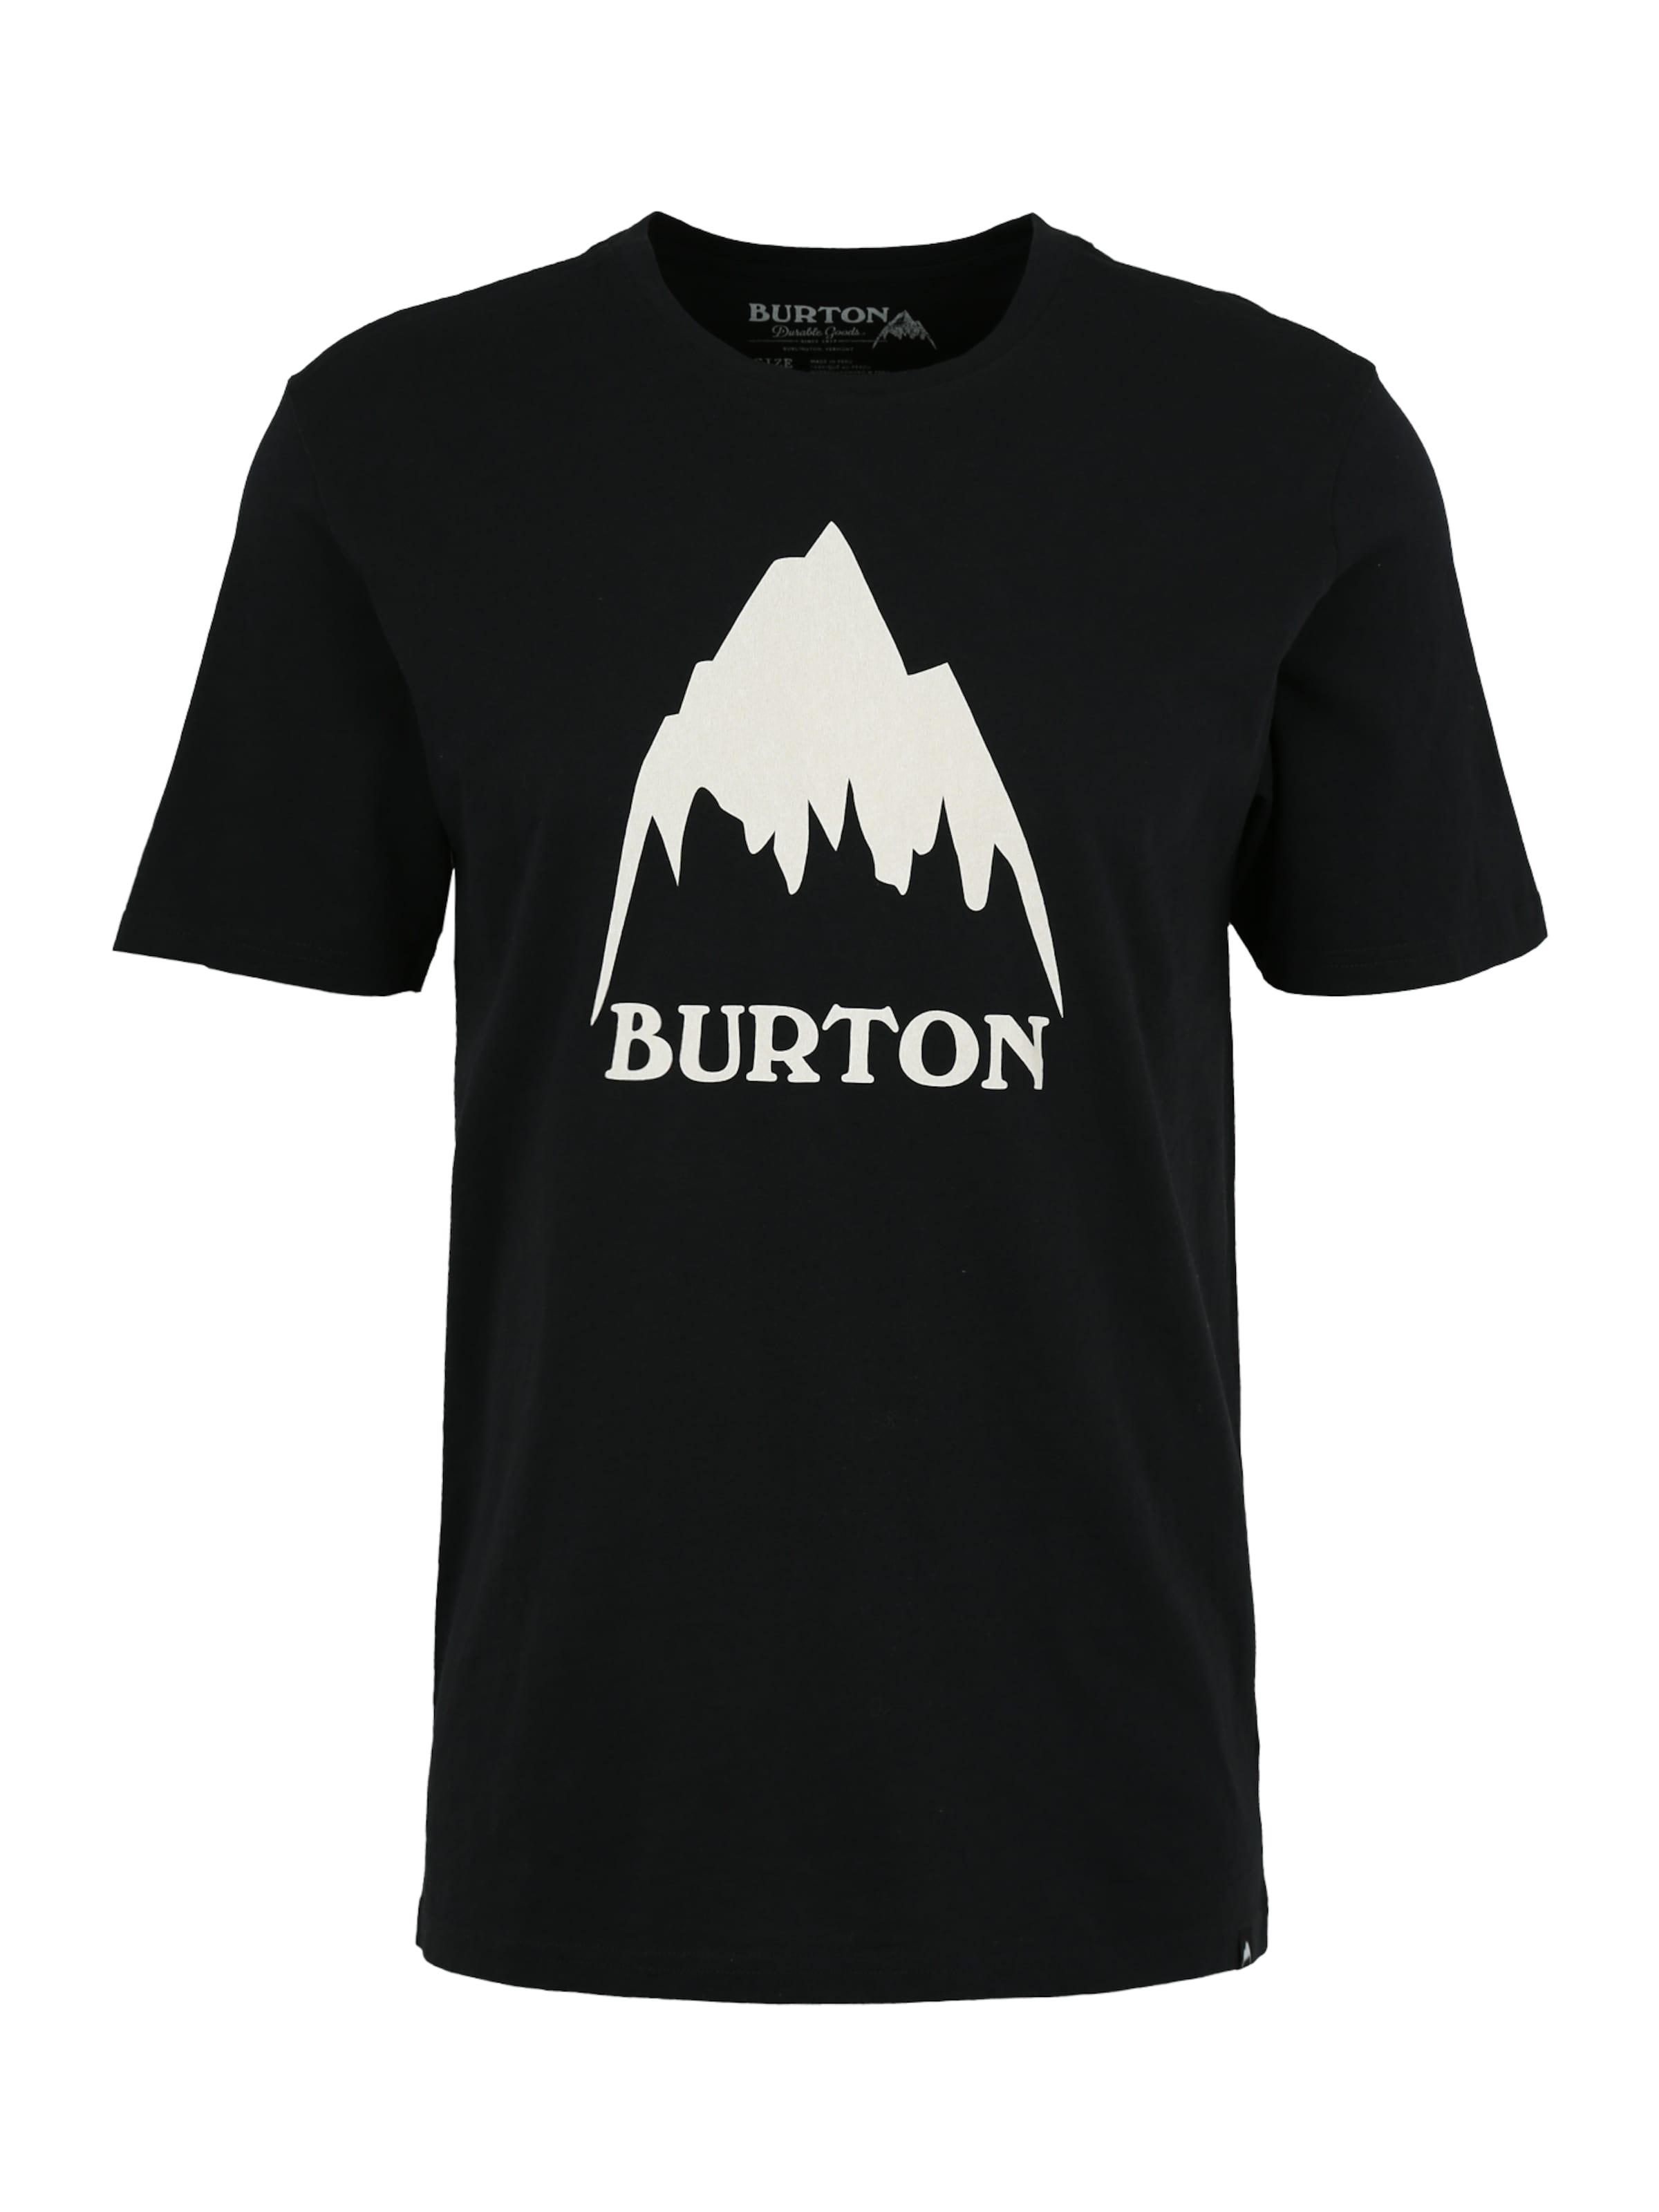 Footlocker Finish Günstig Online Verkaufsshop BURTON Sportshirt mit Frontprint Billig Zahlung Mit Visa Jr7GUH